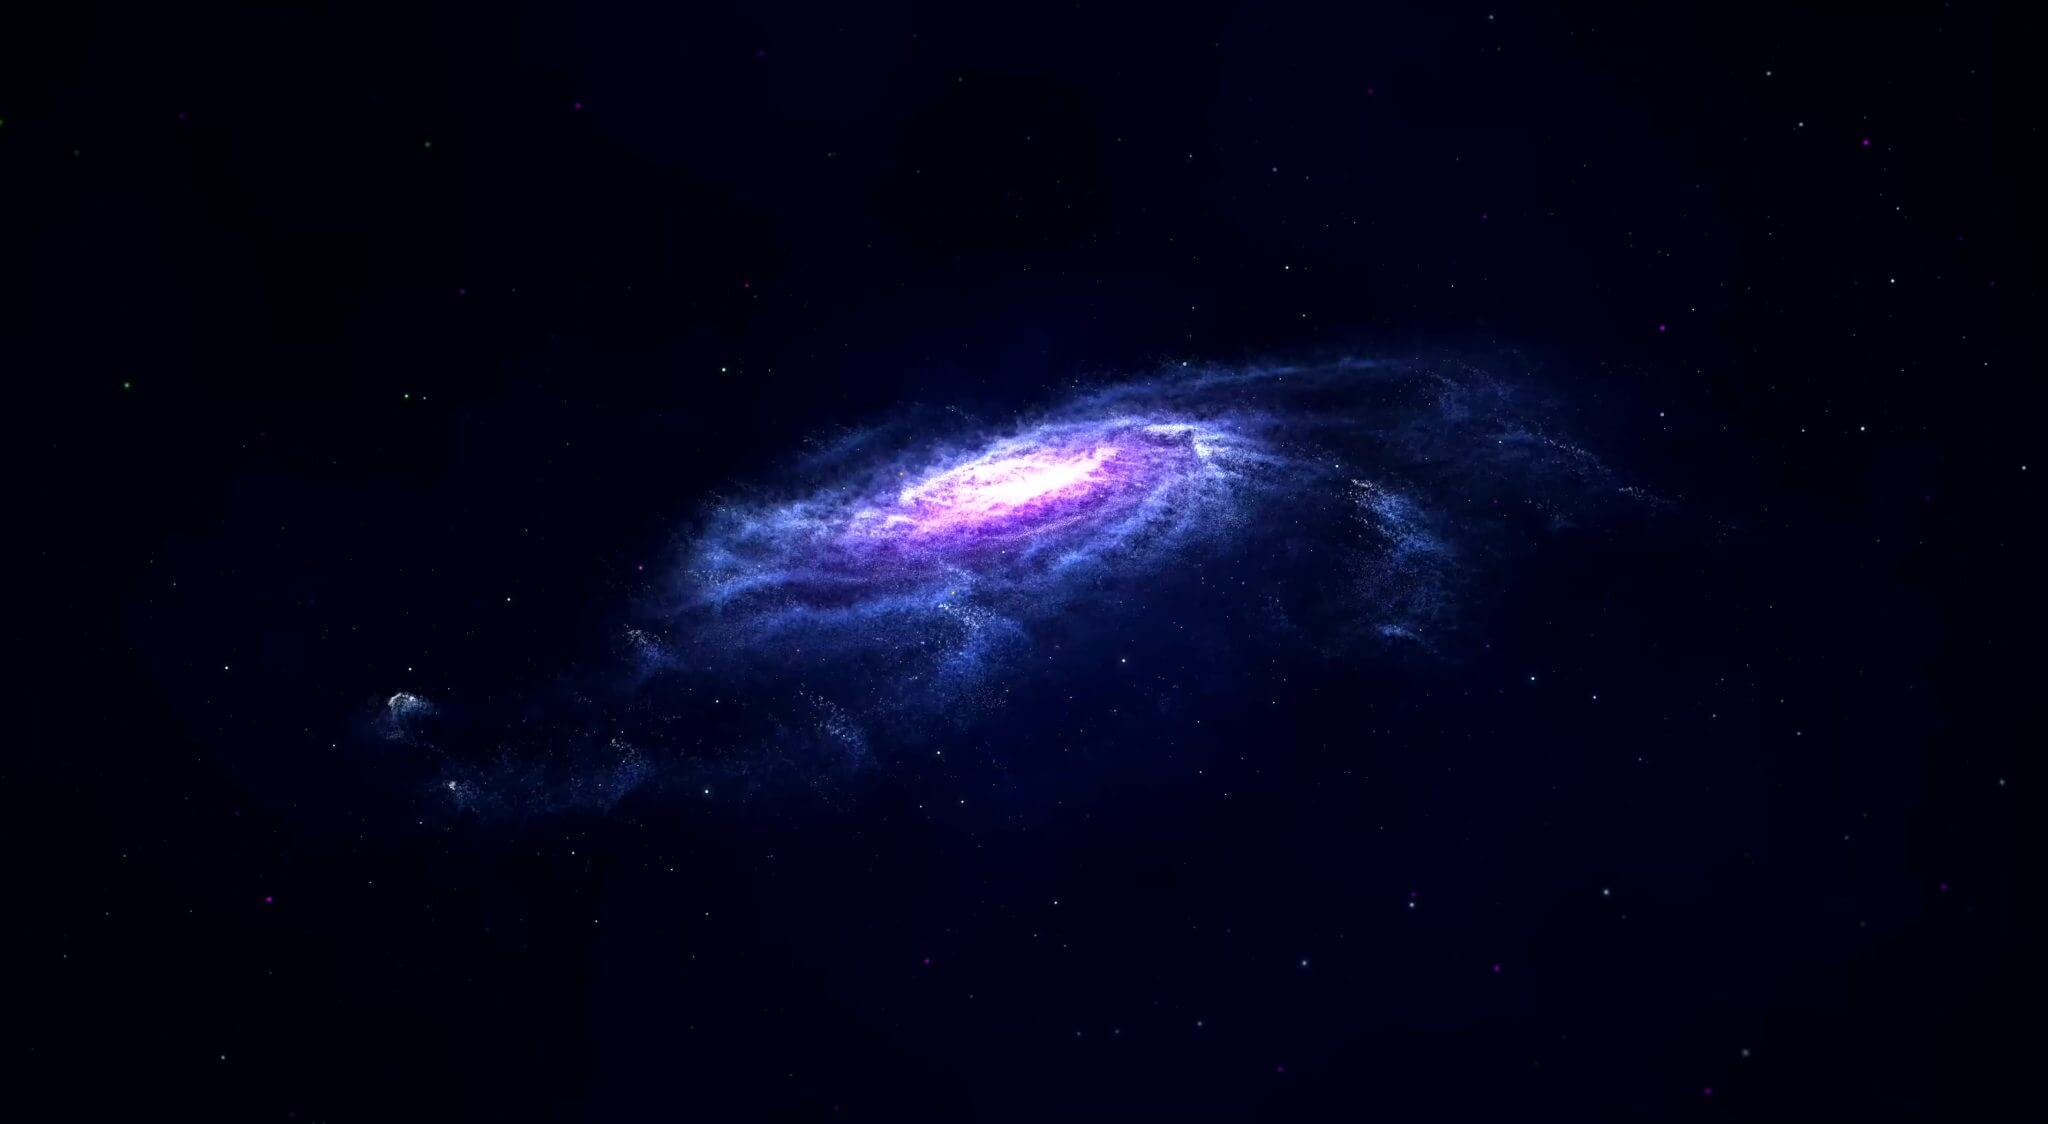 Открытки музыкальные, гифы вселенная